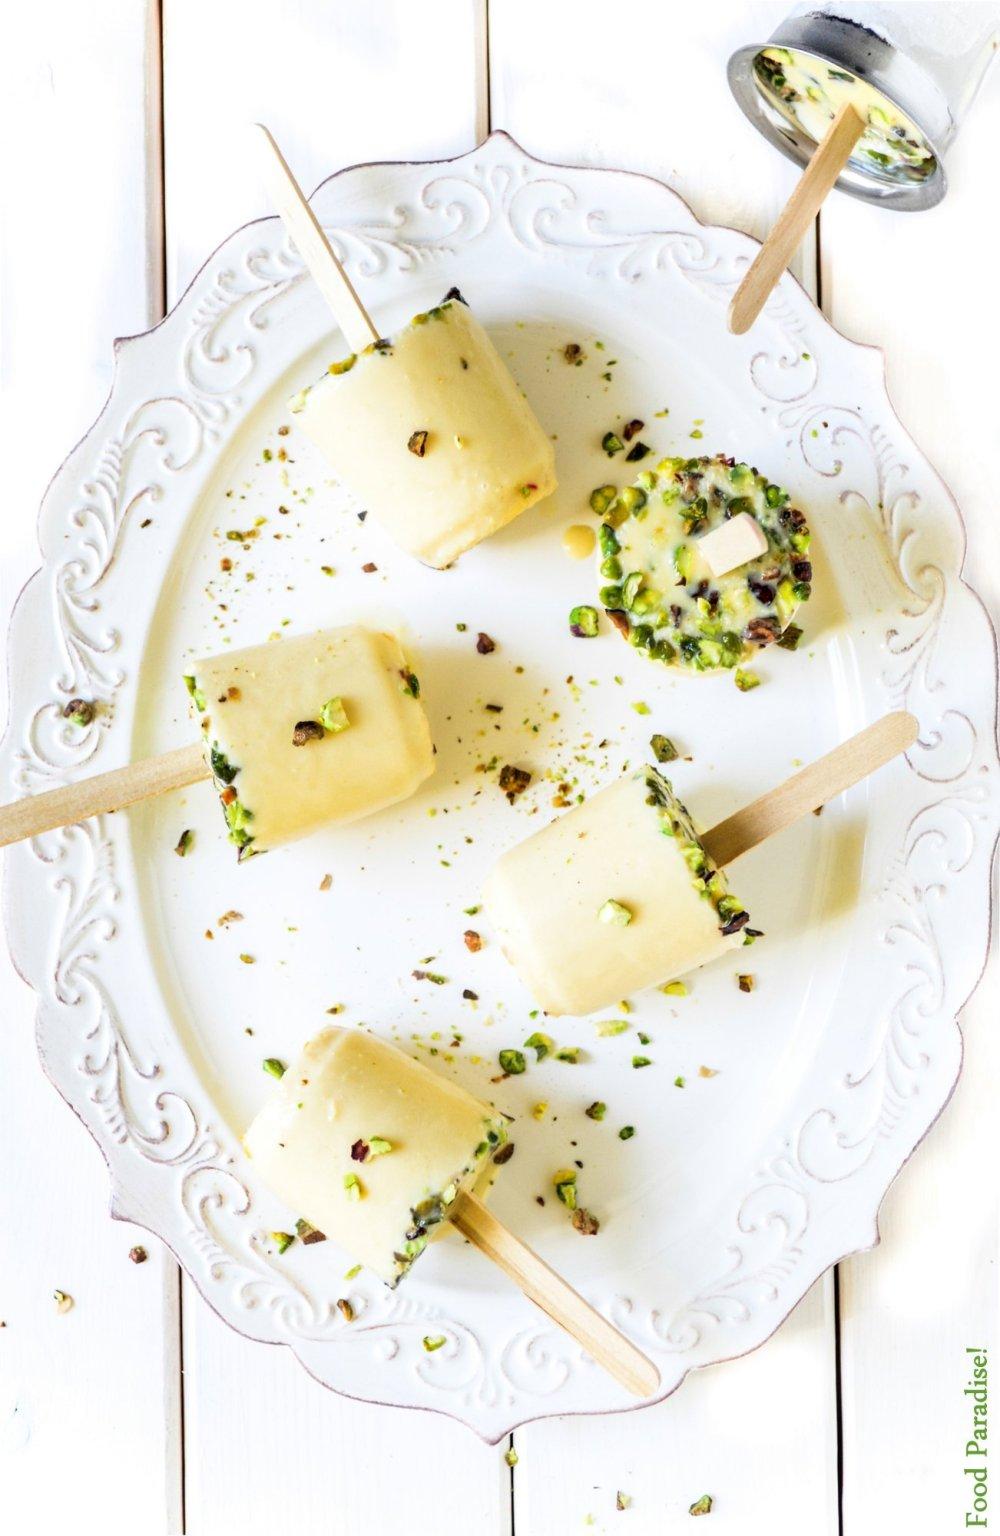 Kesar Pista Kulfi - Saffron Pistachios Ice-cream